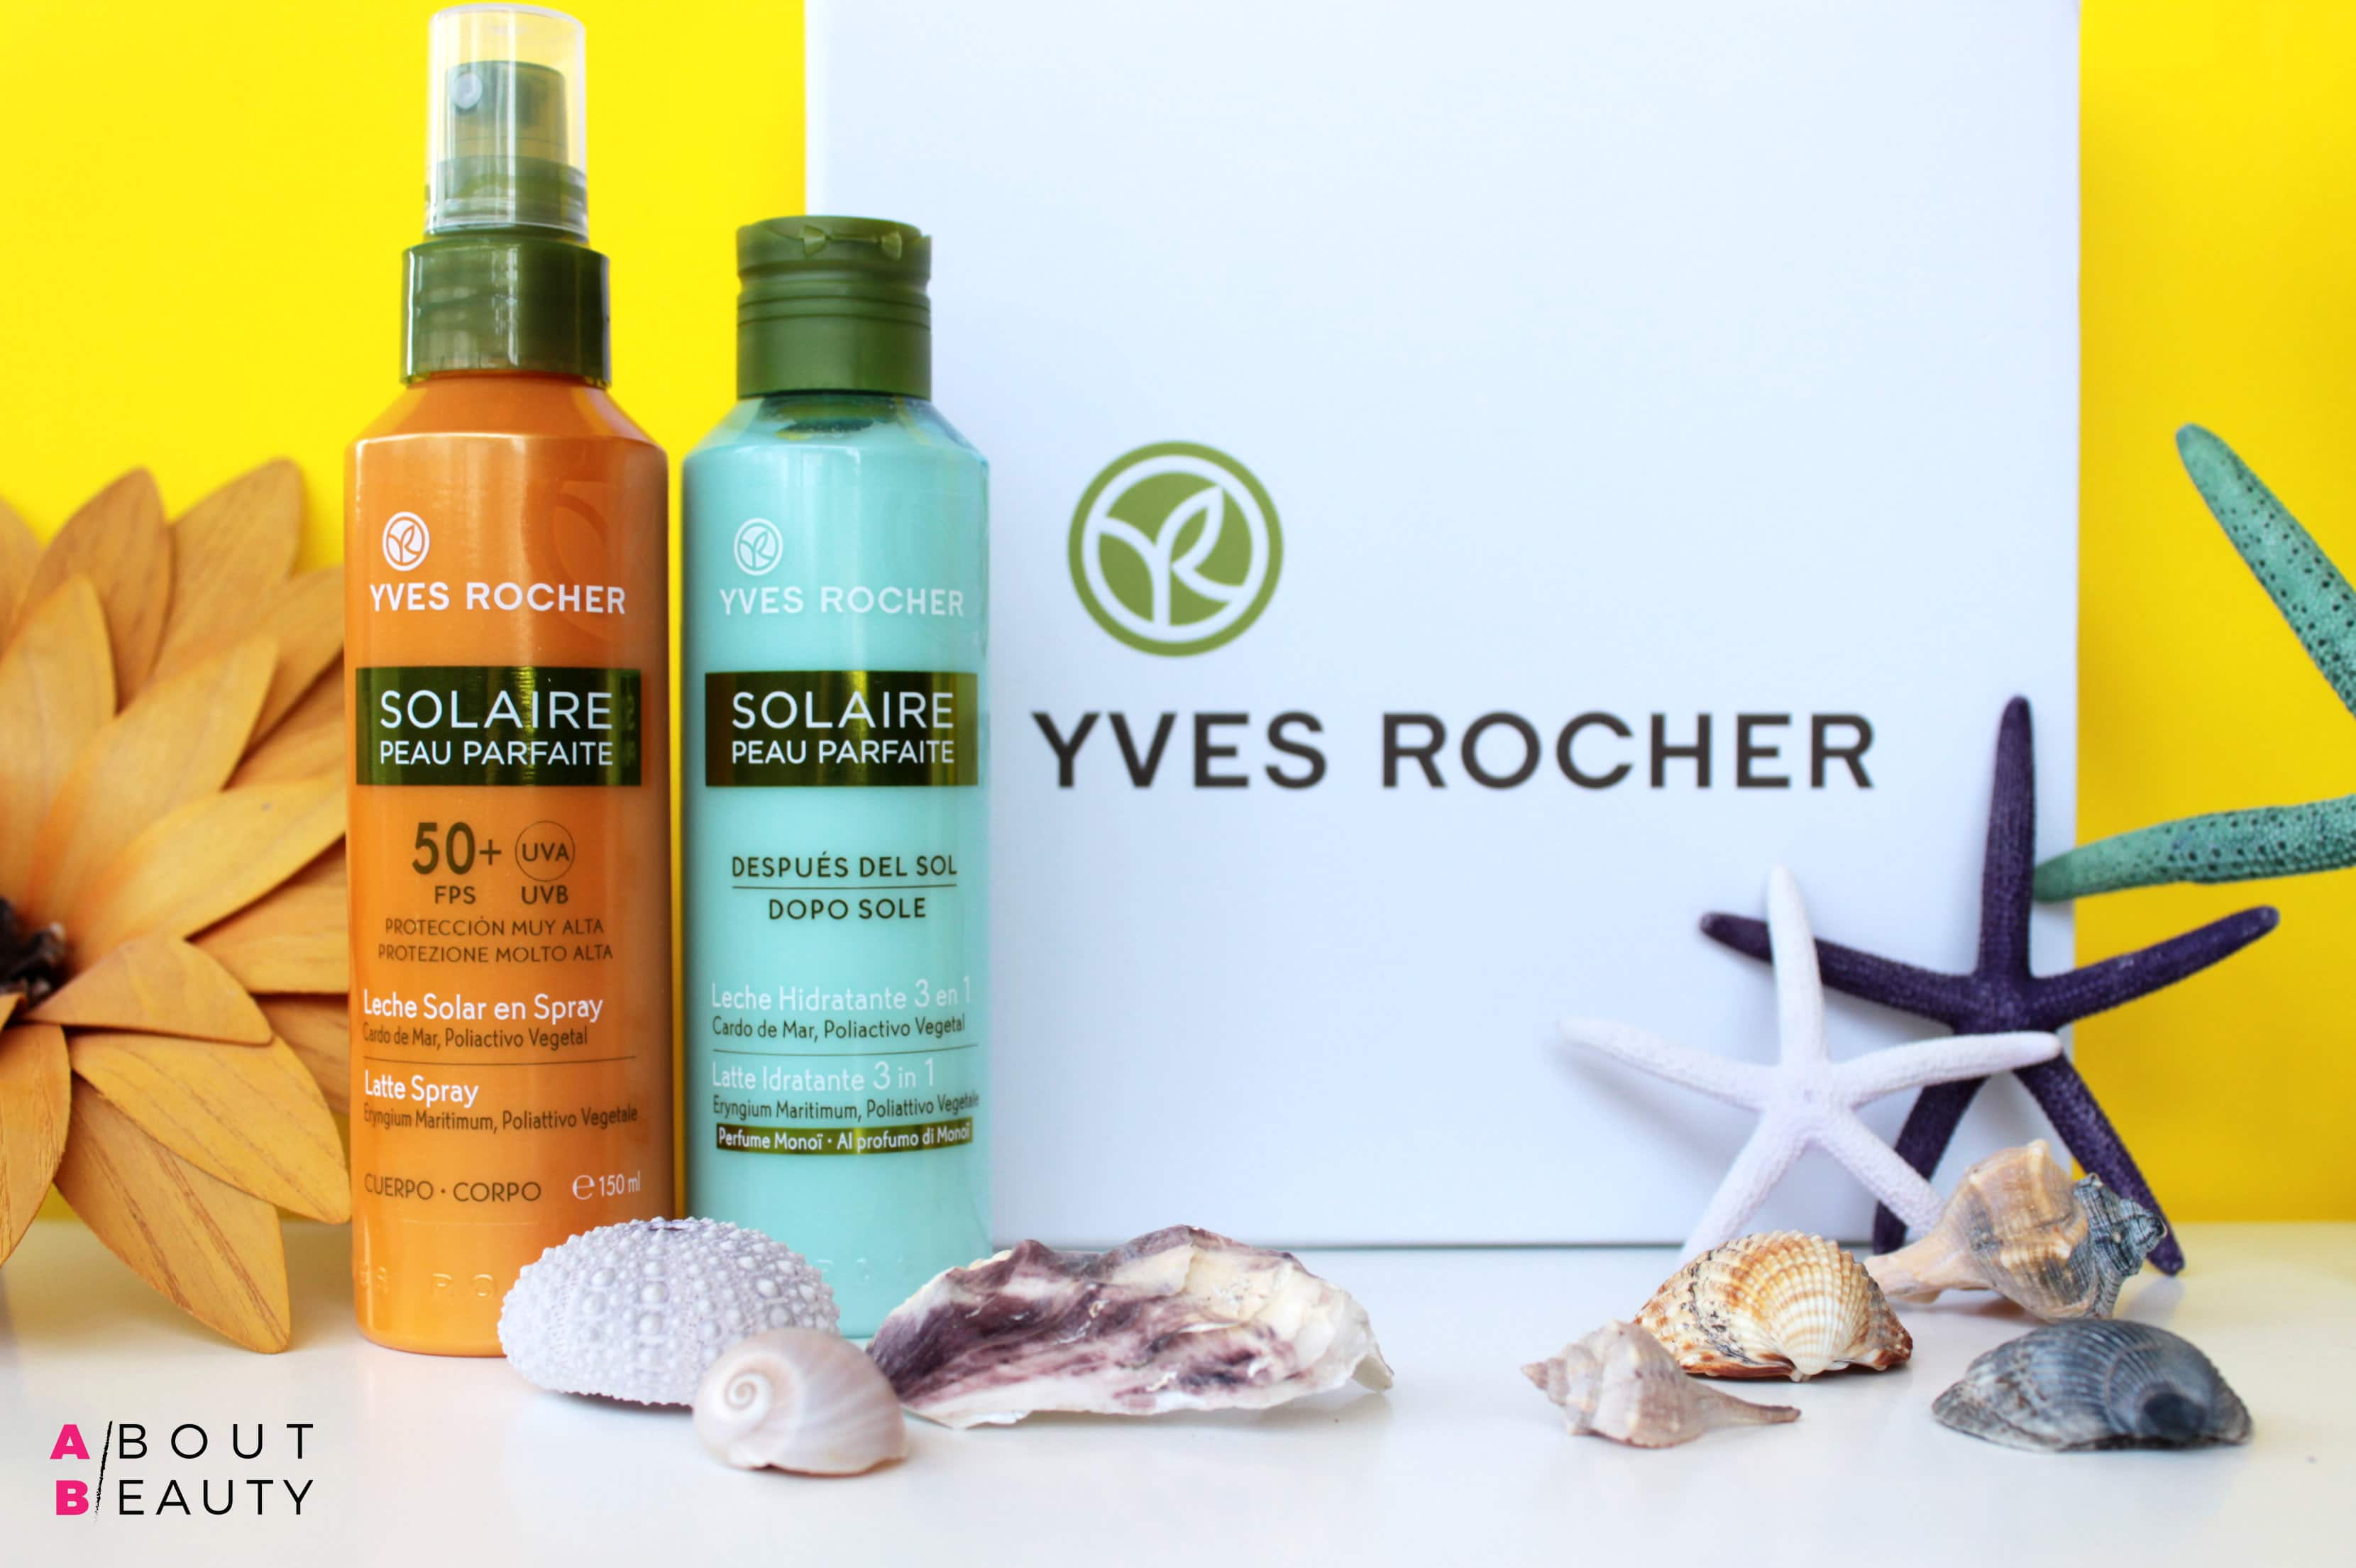 Al mare con i solari Yves Rocher Solaire Peau Parfaite - Latte Spray Corpo SPF 50+ e Latte Idratante 3 in 1 Doposole - Recensione, info, prezzo, INCI